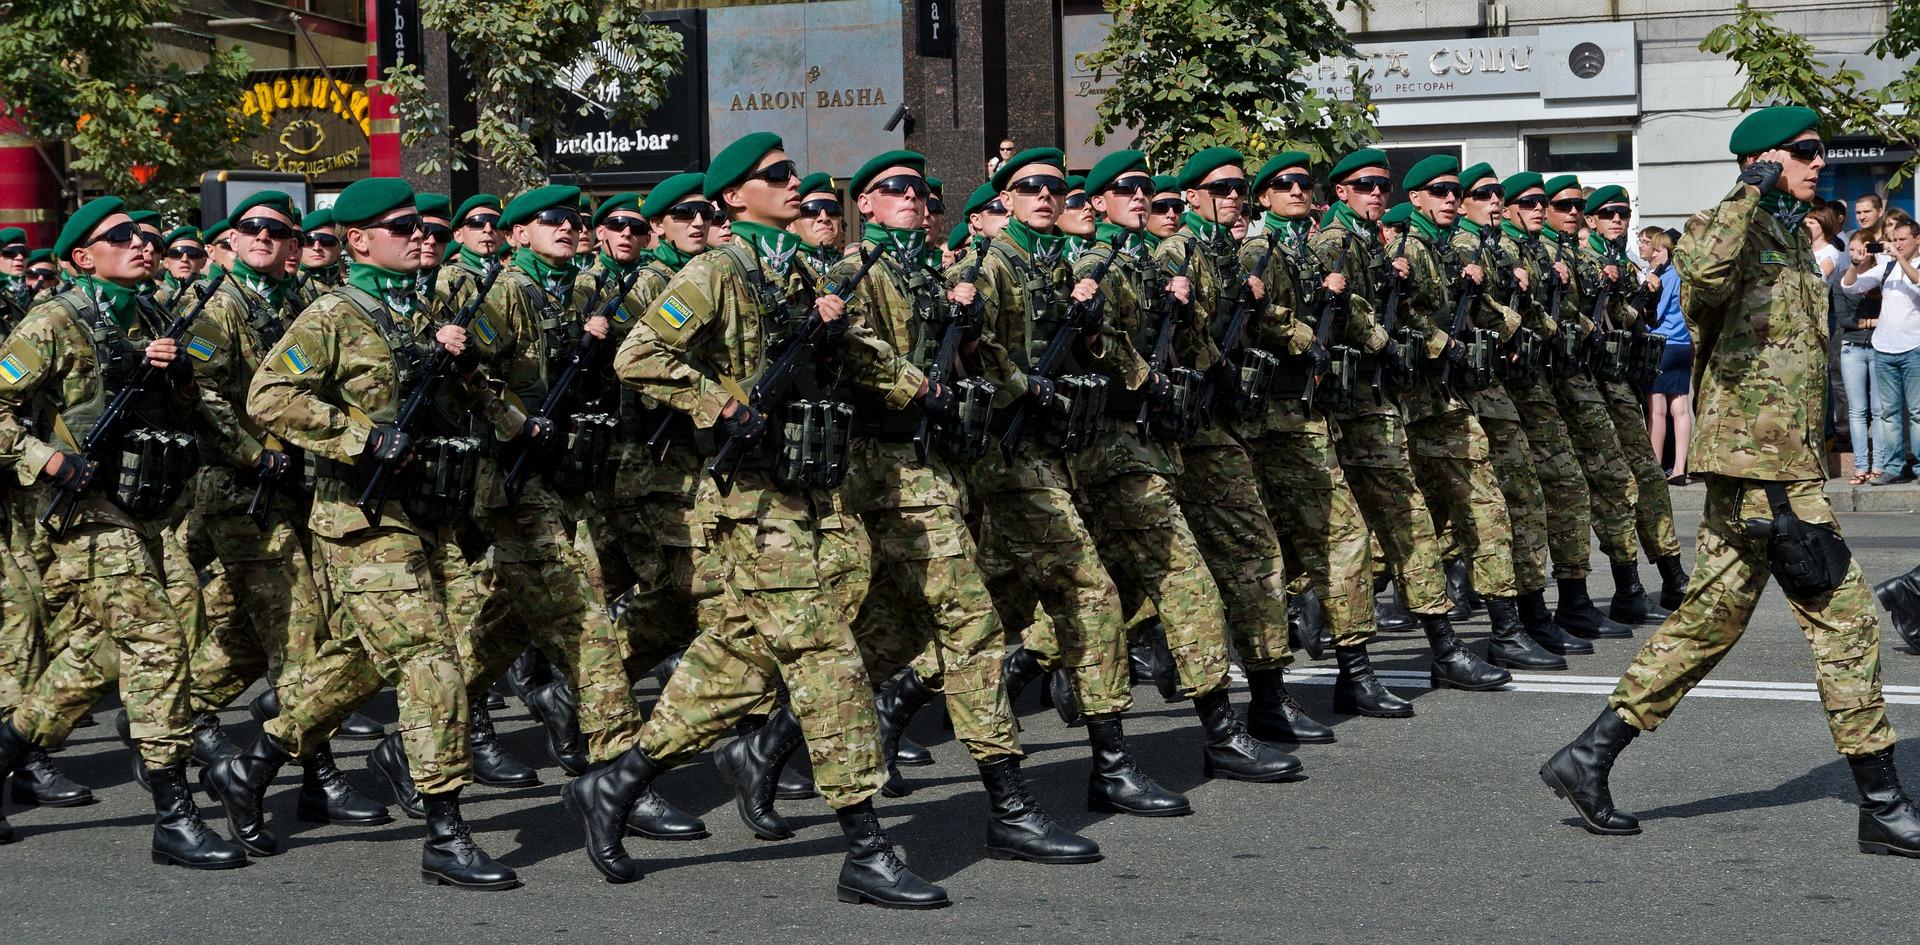 군인 군사 퍼레이드 우크라이나